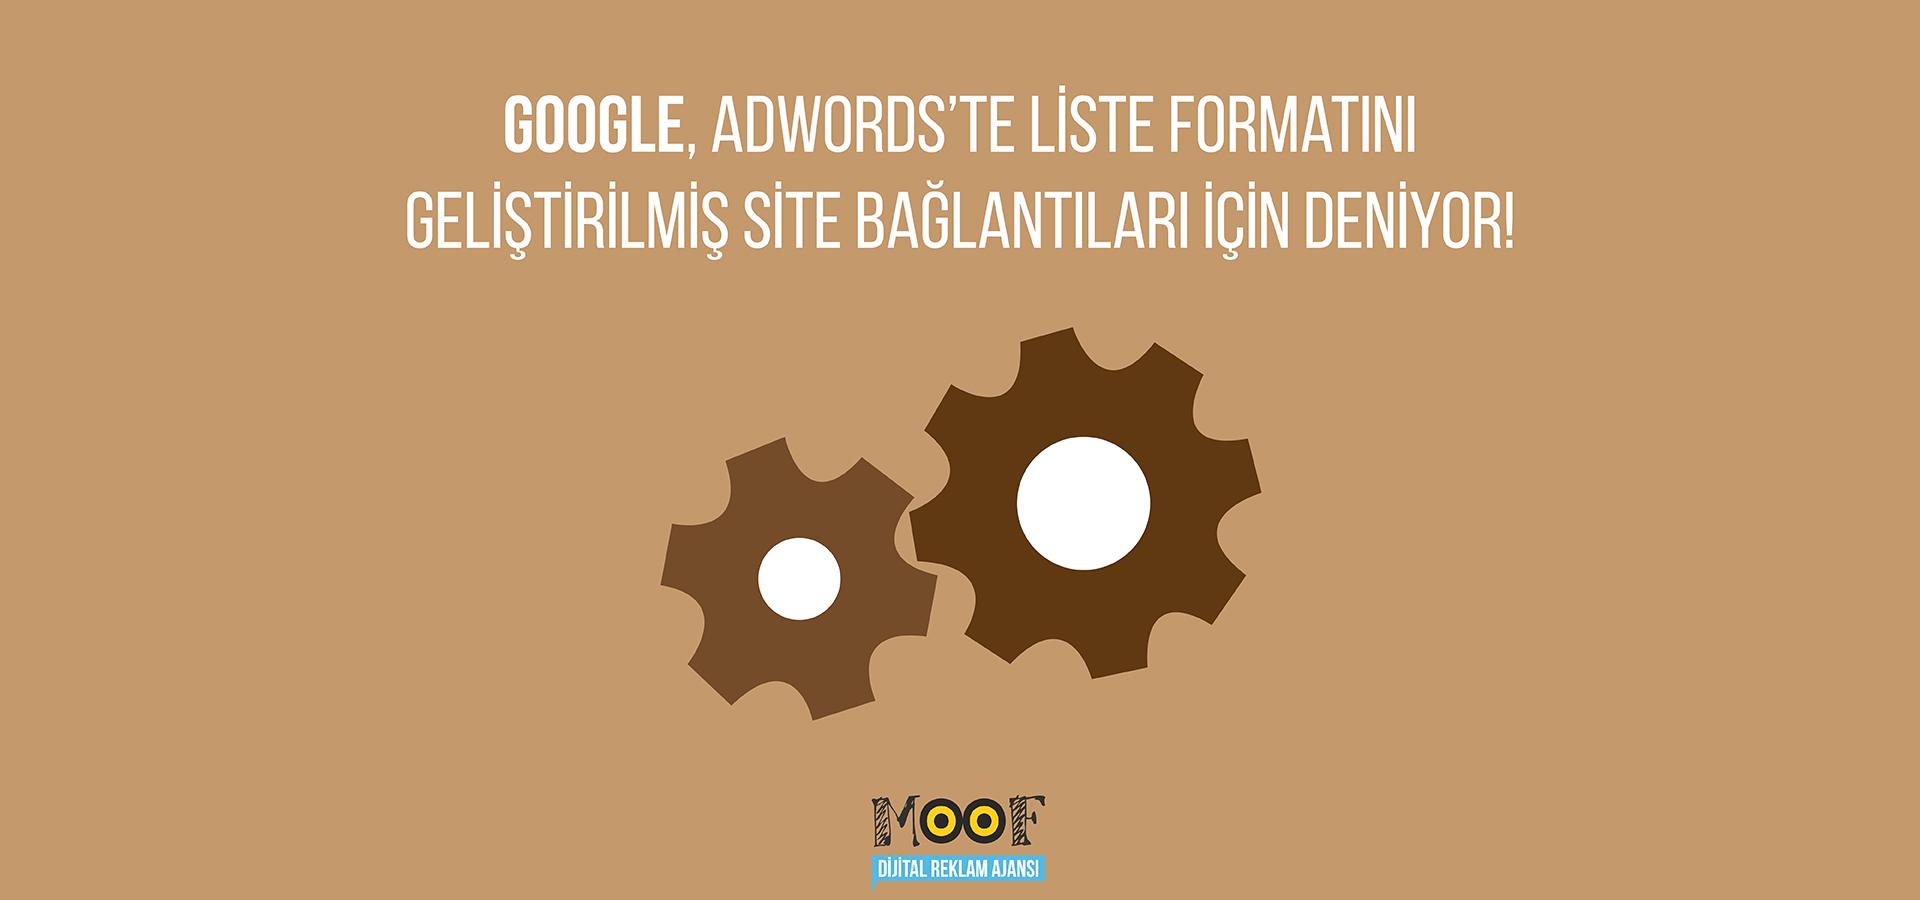 Google, AdWords'te Liste Formatını Geliştirilmiş Site Bağlantıları İçin Deniyor